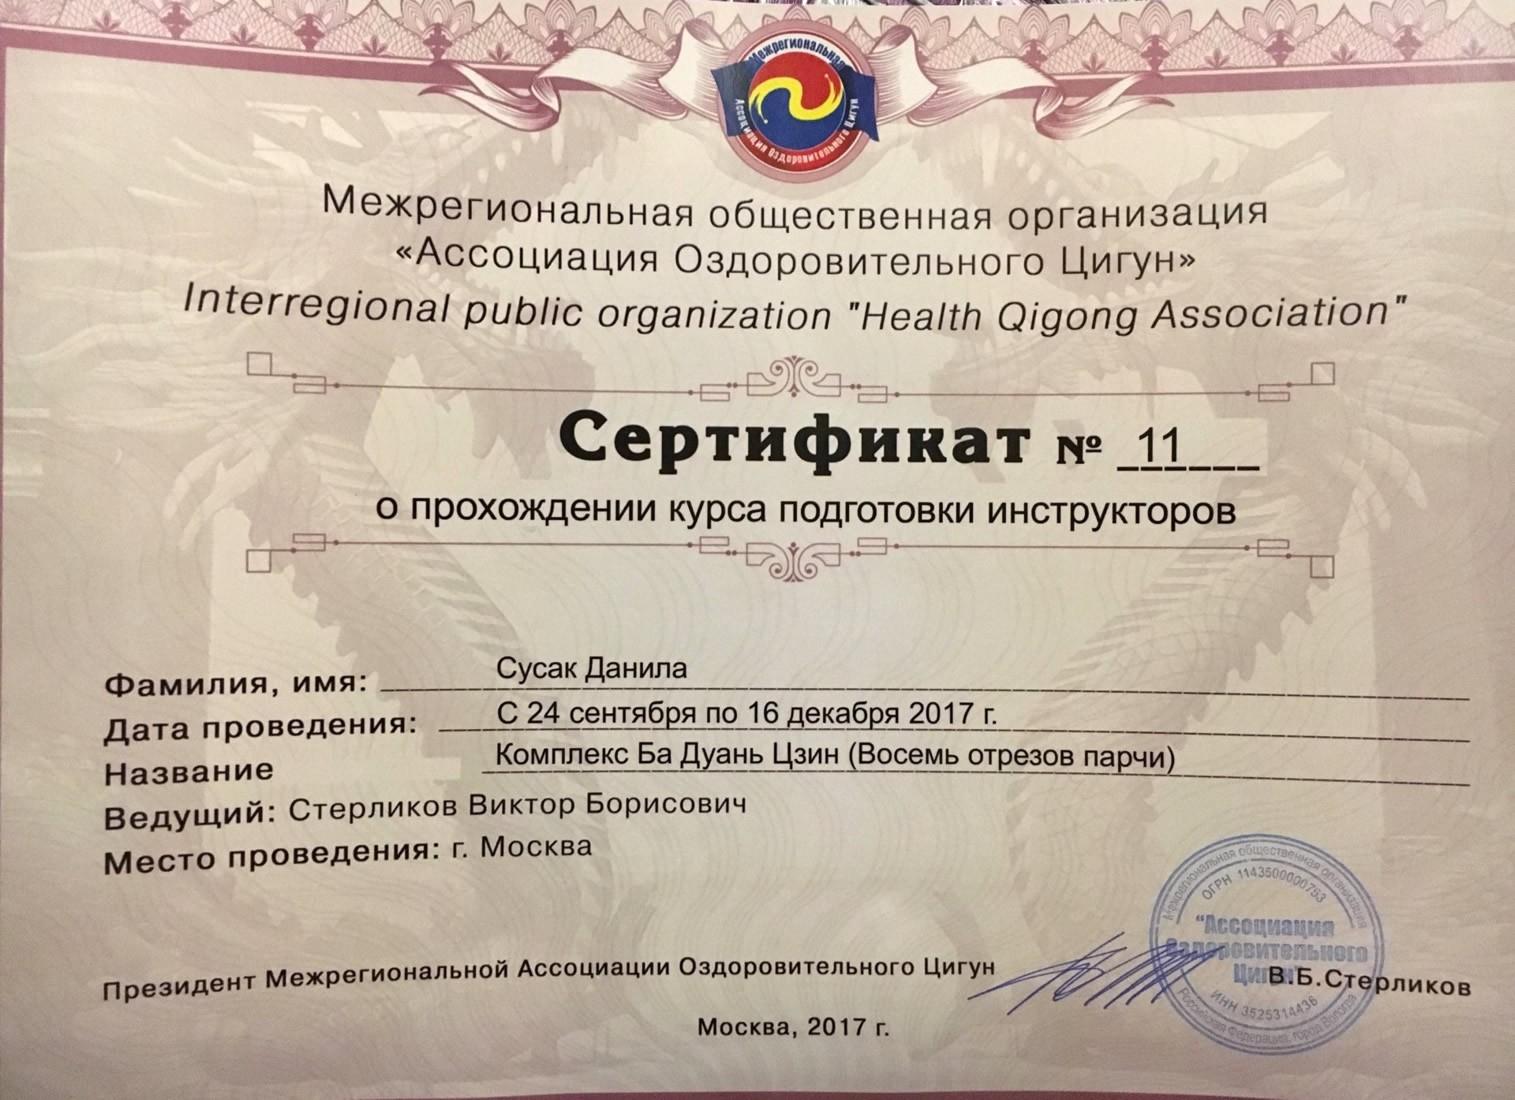 Инструктор Цигун - 2017